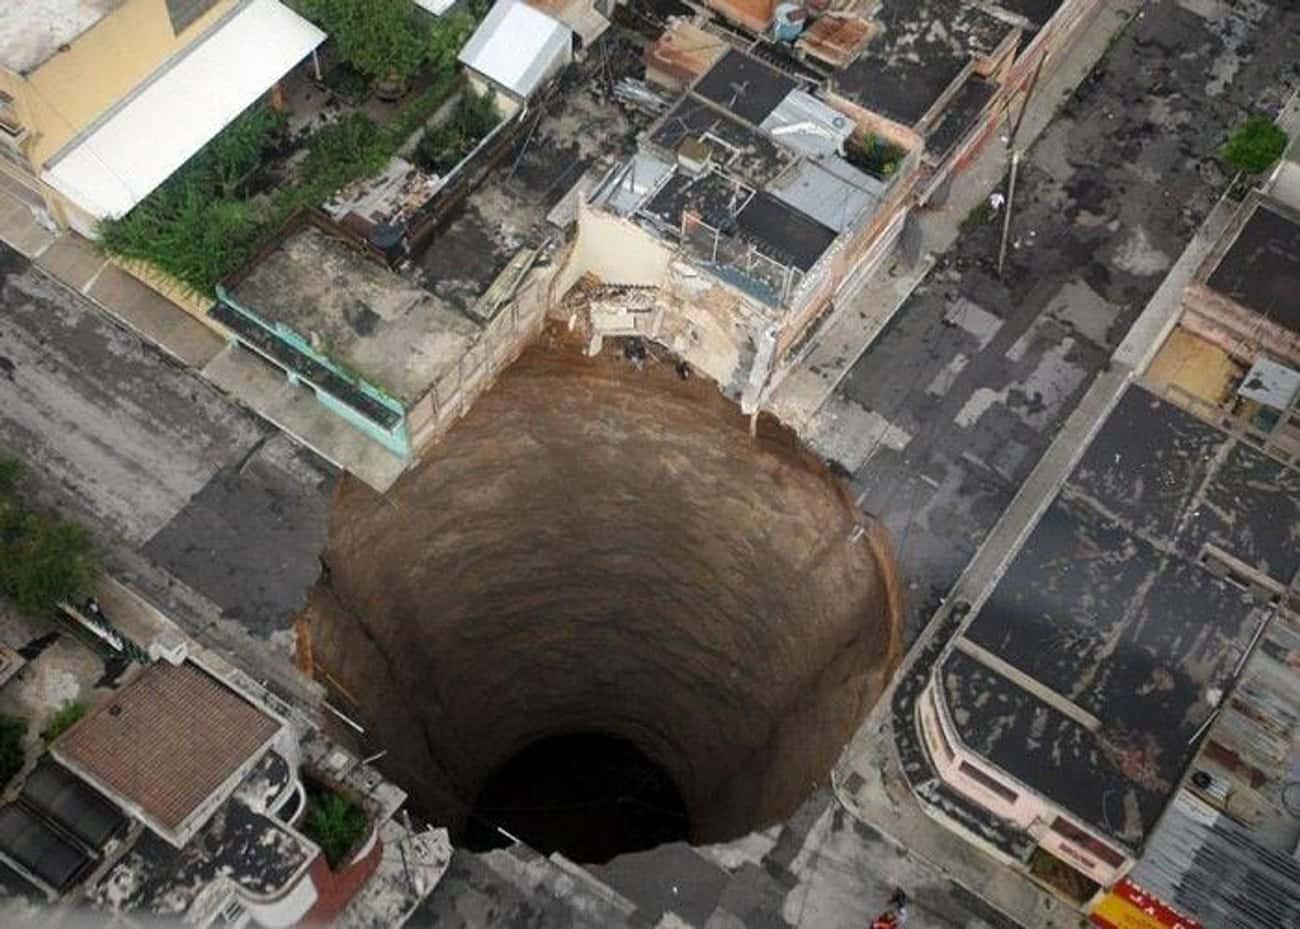 Guatemala City Sinkhole, 2010